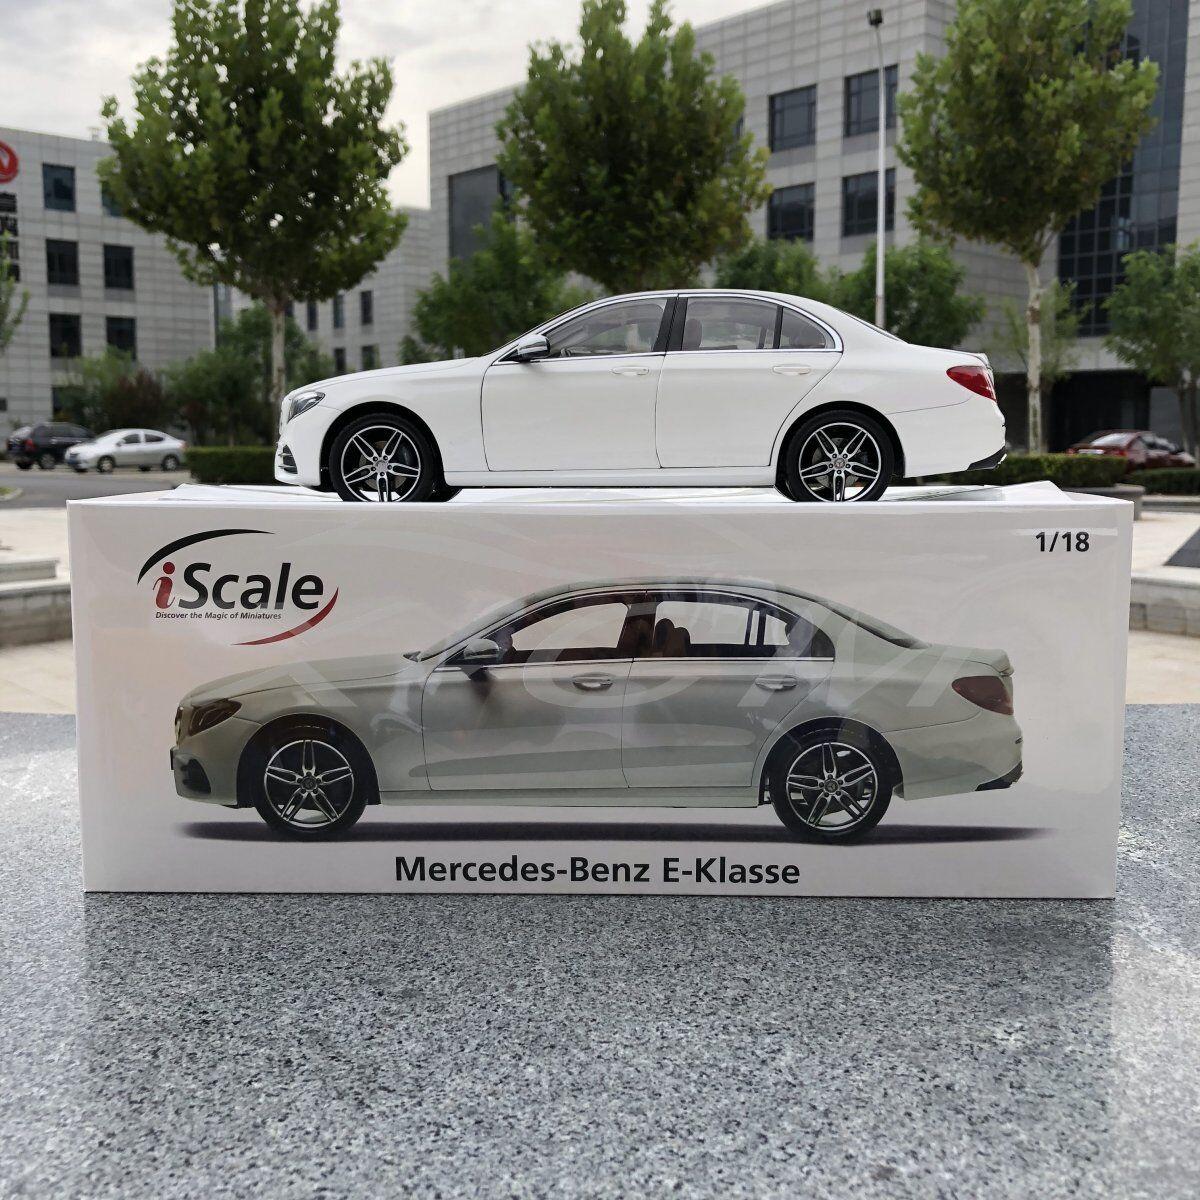 moda modellolo di di di auto iScale MERCEDES-BENZ classeE E-E-KLASSE LIMOUSINE 1 18 (bianco) + REGALO     una marca di lusso